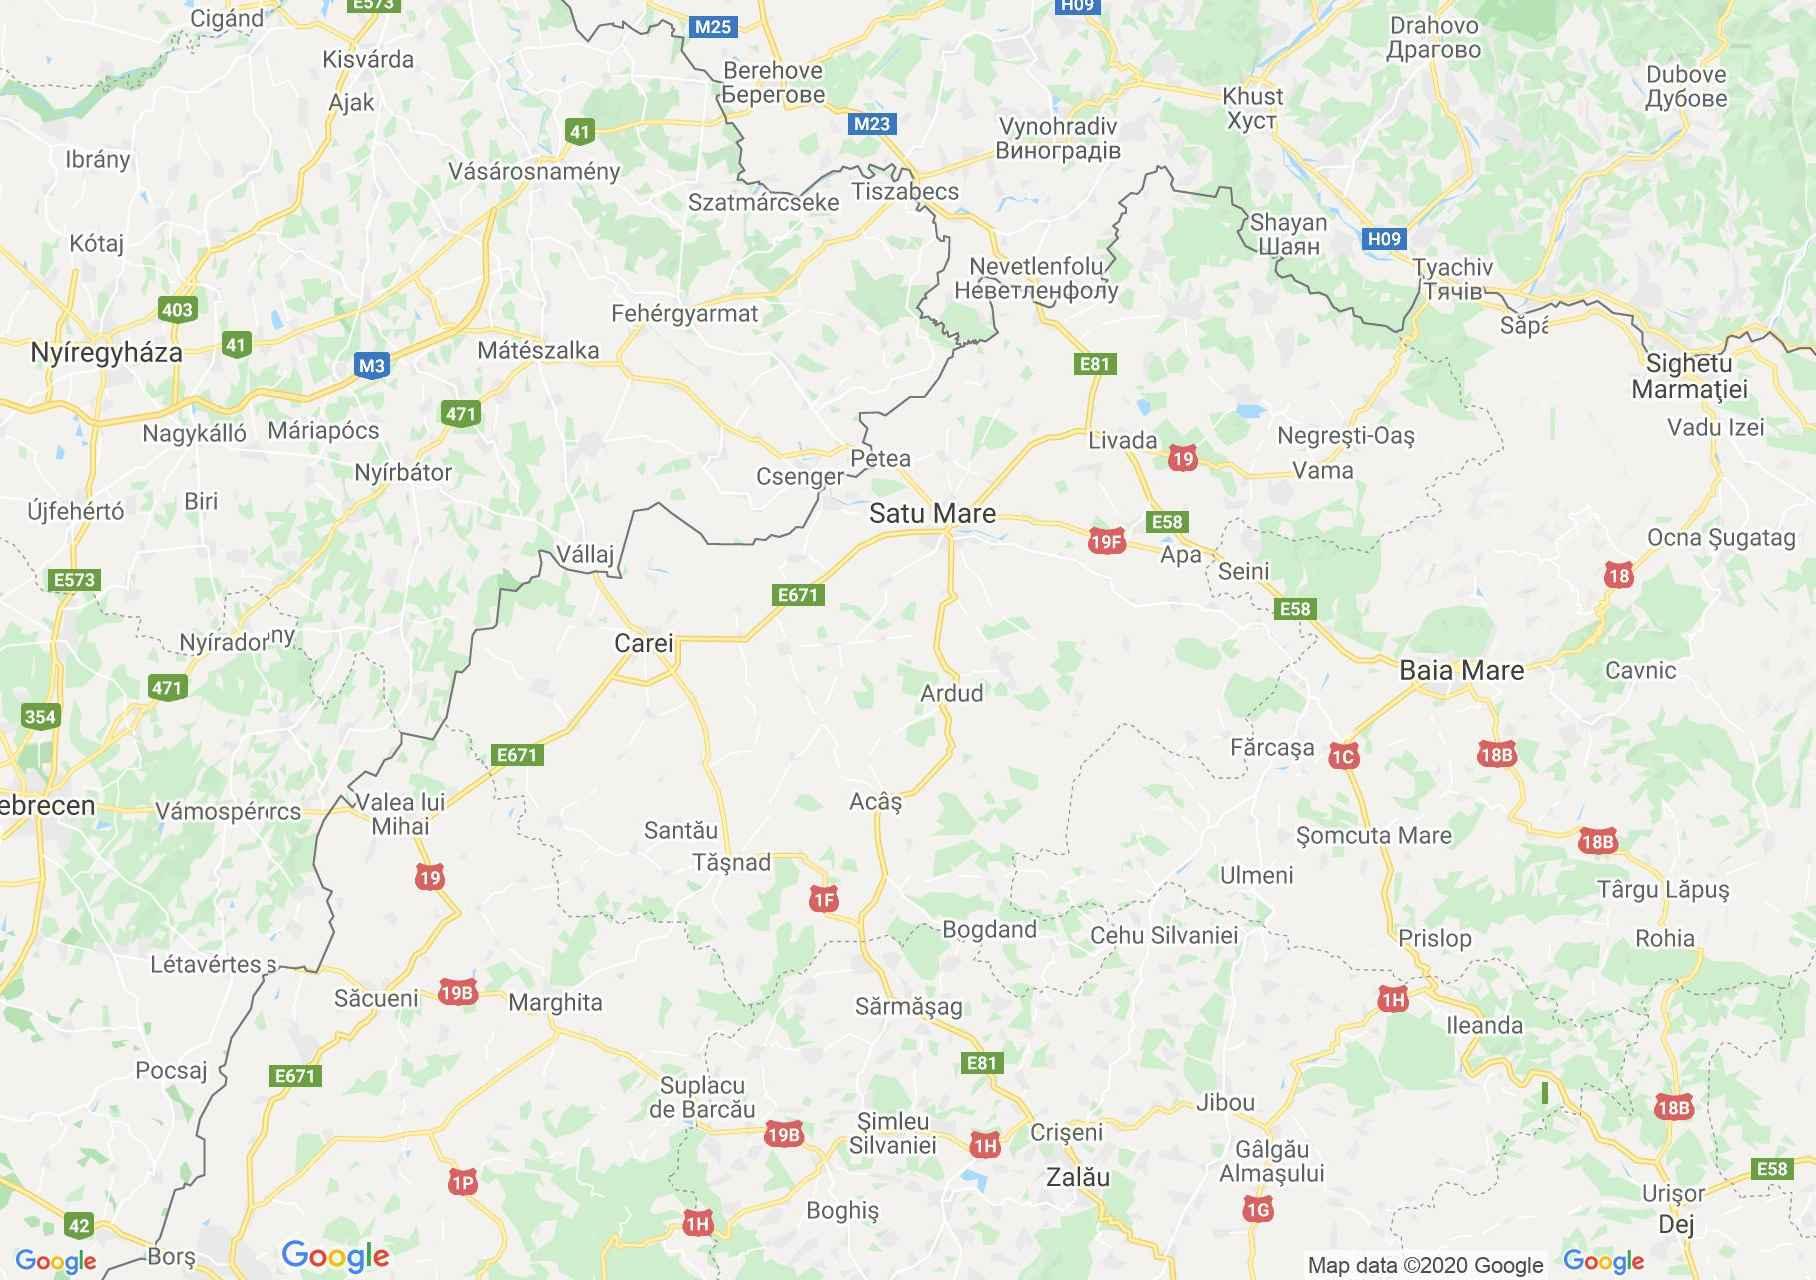 Judeţul Satu Mare: (Satu-Mare), Harta turistică interactivă